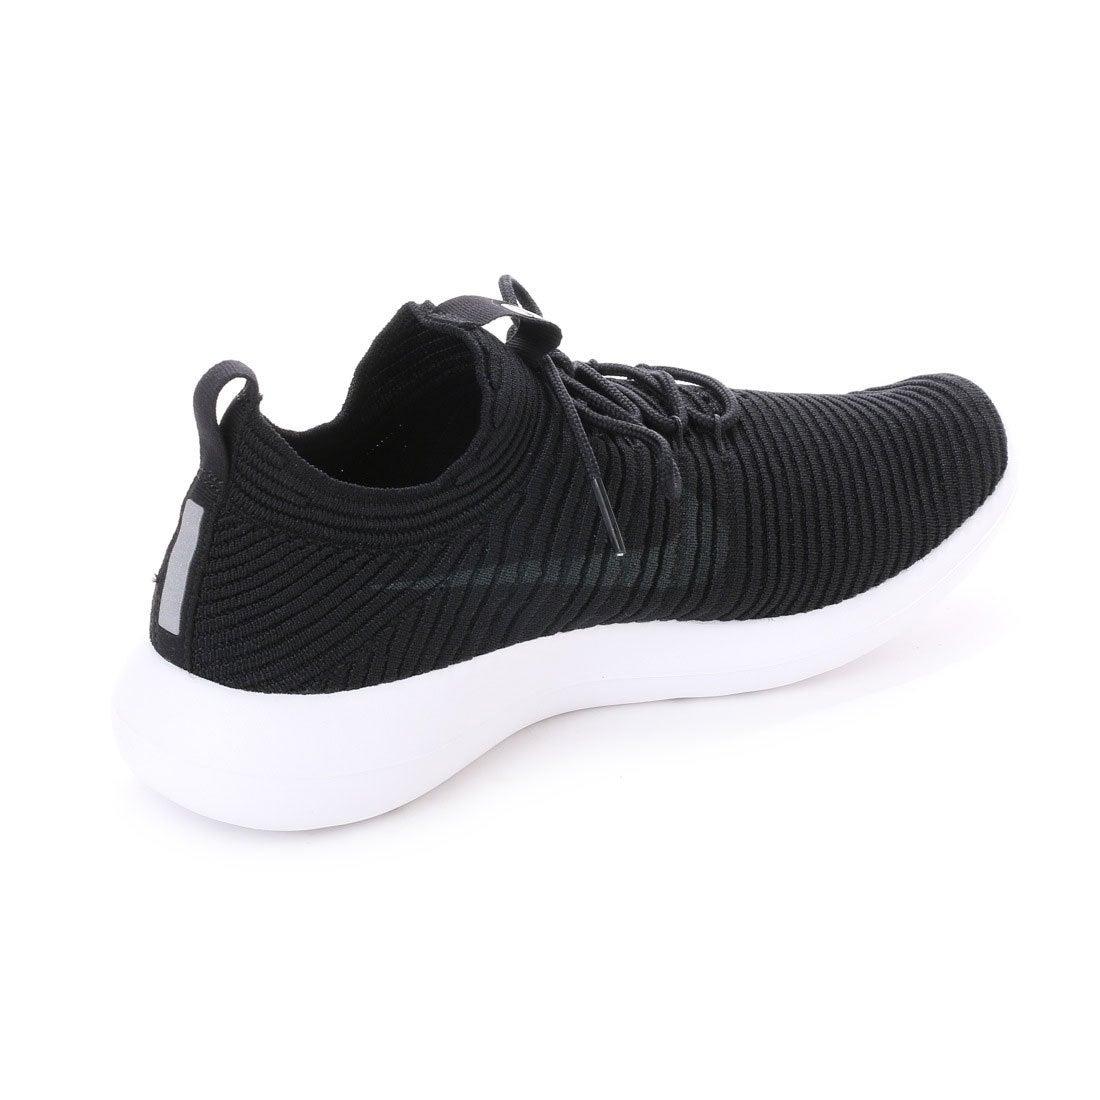 timeless design 0387f ba2be ナイキ NIKE atmos W ROSHE TWO FLYKNIT V2 (BLACK)-靴 ...